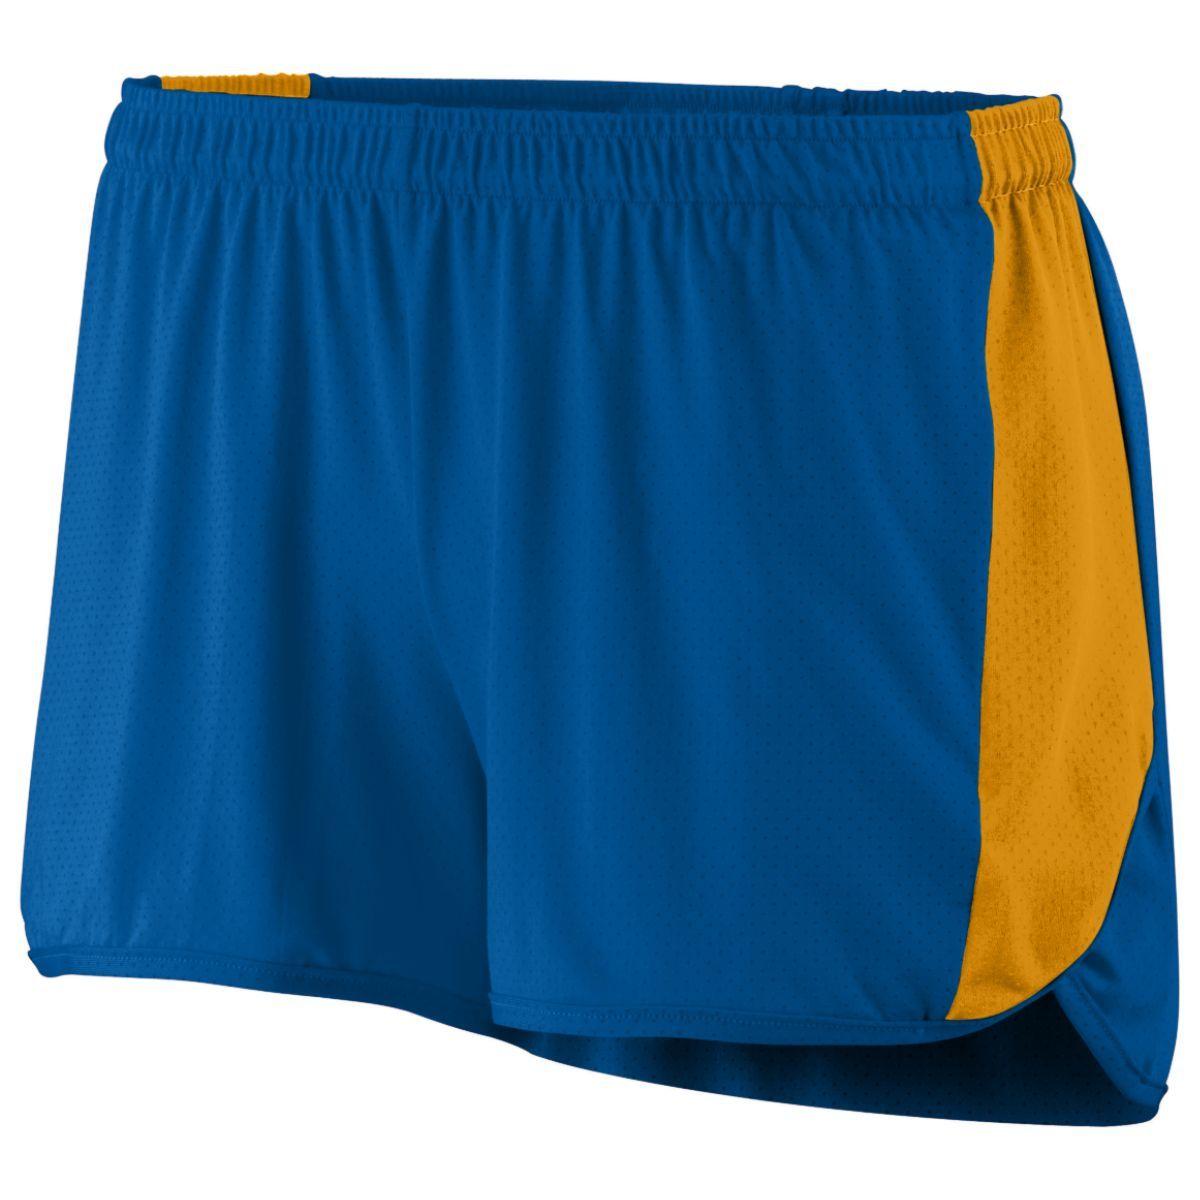 Ladies Sprint Shorts - ROYAL/GOLD